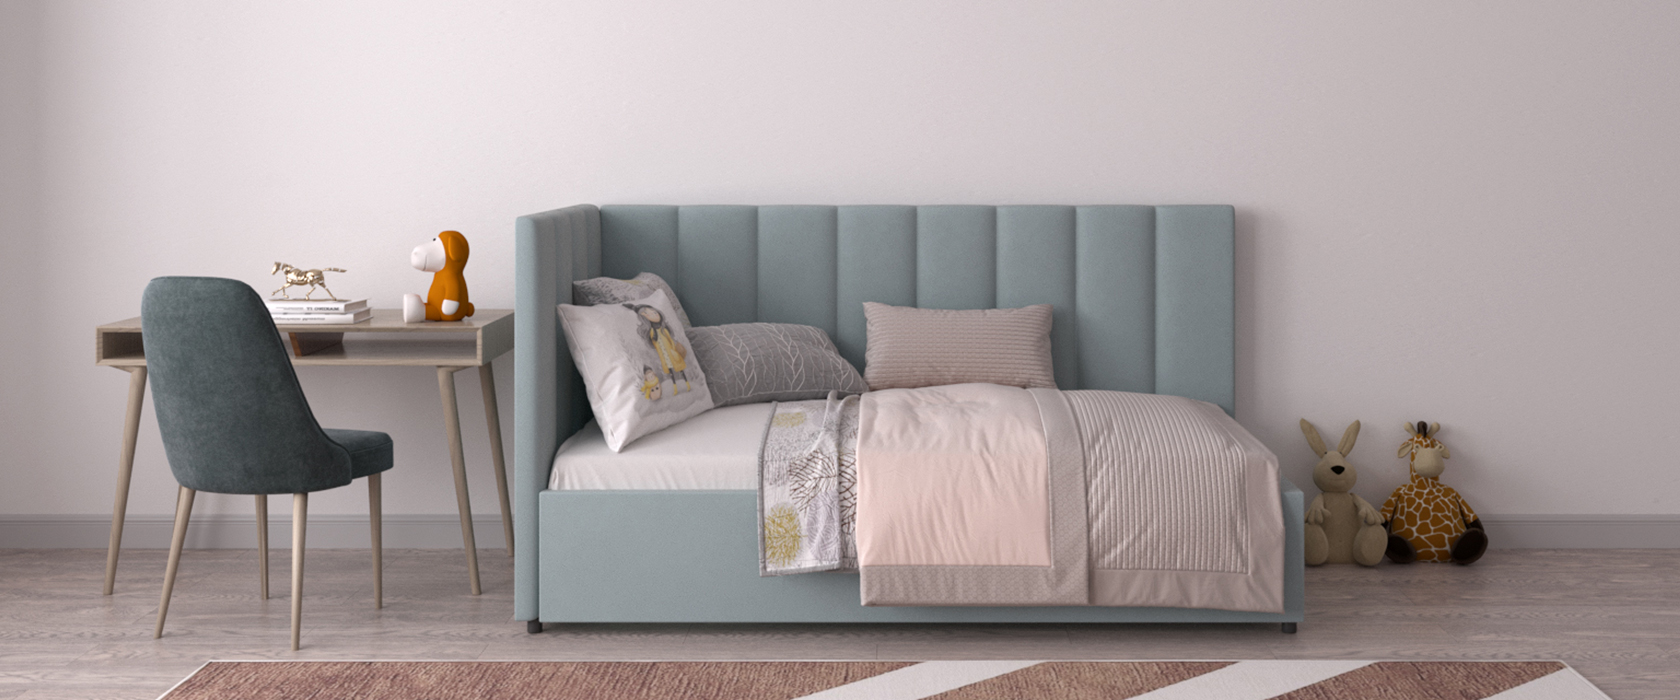 Кровать Fabiana - Фото 2 - Pufetto